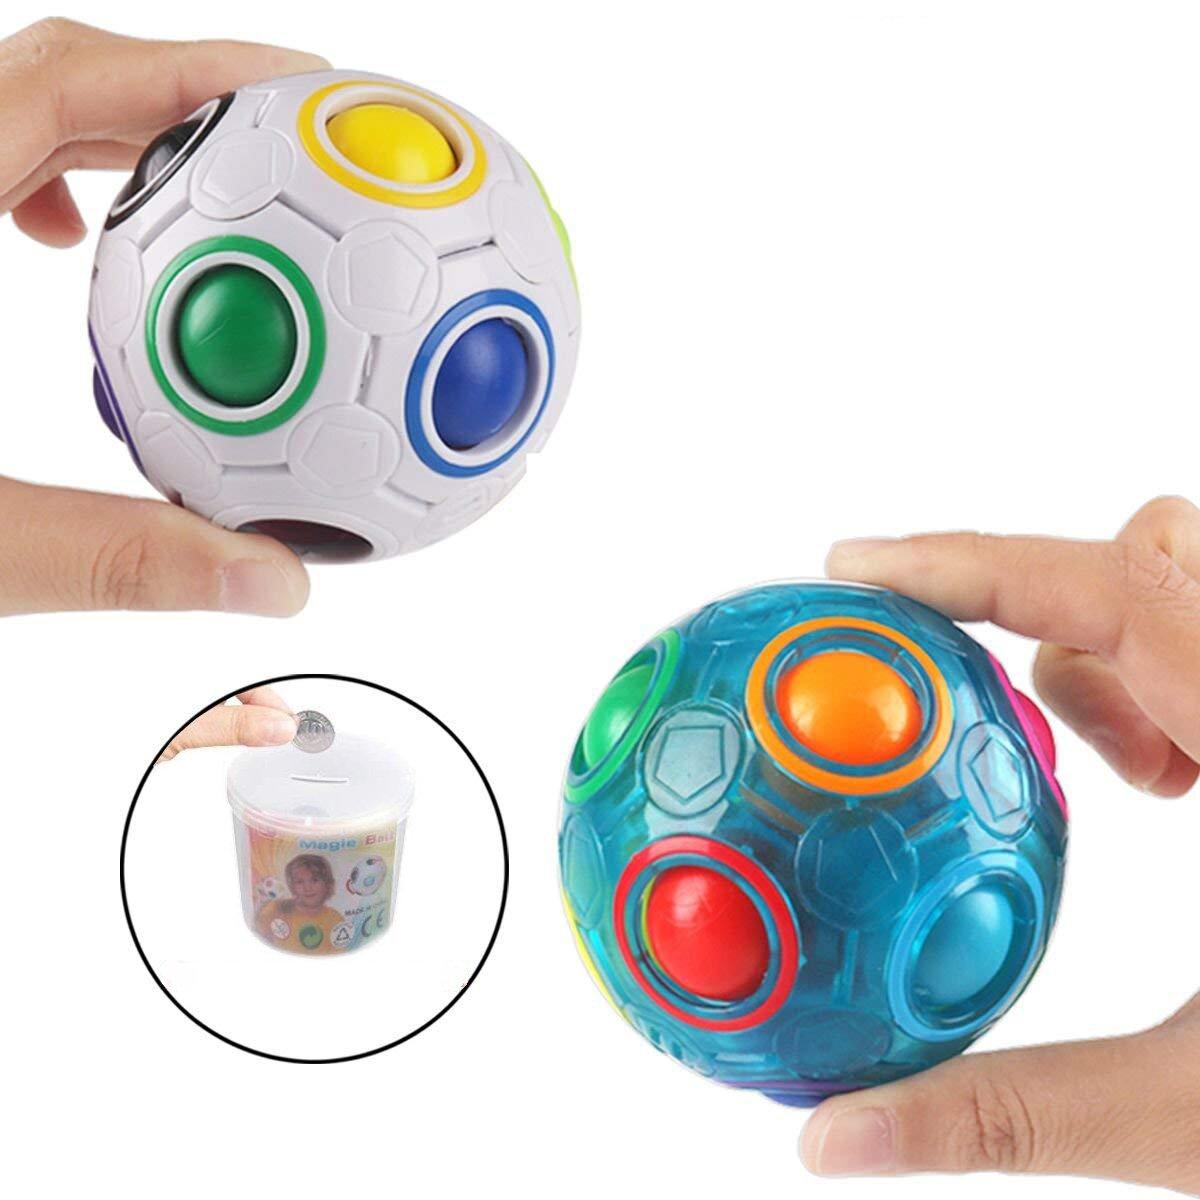 2PCS Regenbogen Ball Magic Ball Spielzeug Puzzle Magic Rainbow Ball für Kinder Pädagogisches Spielzeug Jugendliche Erwachsene Stress Reliever Malloom Pop Luminous Stressabbau Blau und Weiß PROACC